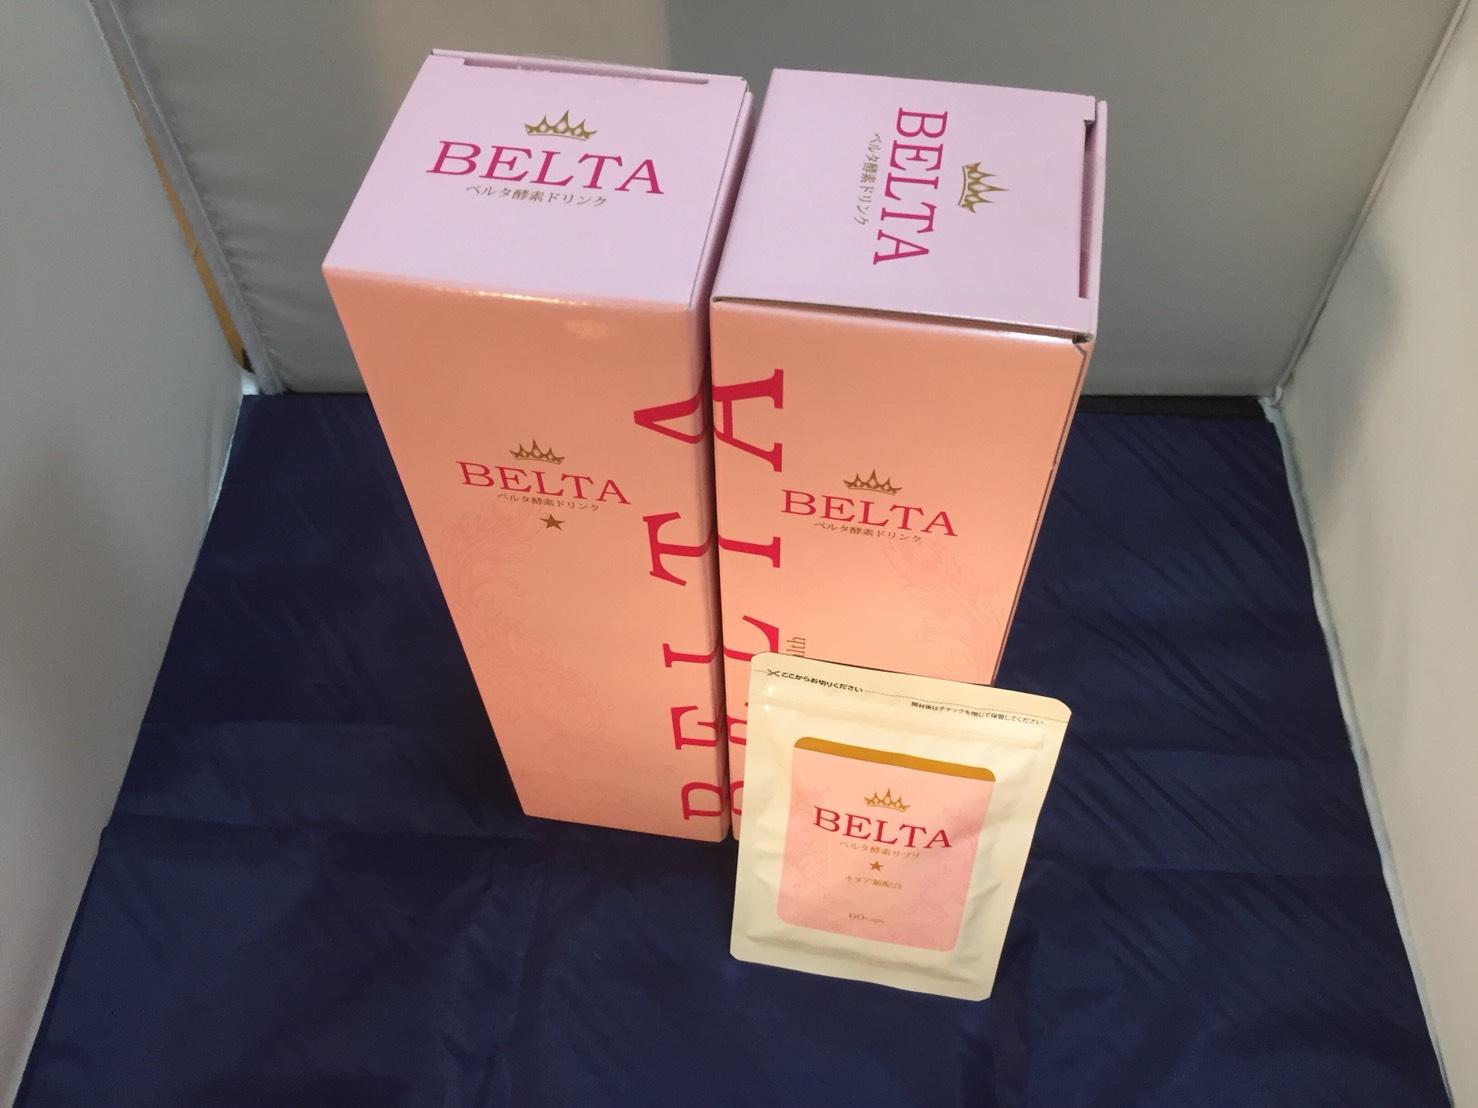 ベルタ酵素の購入は2本?それとも1本どっちがおすすめ!?リバウンド予防なら通常ダイエットパックがおすすめ!